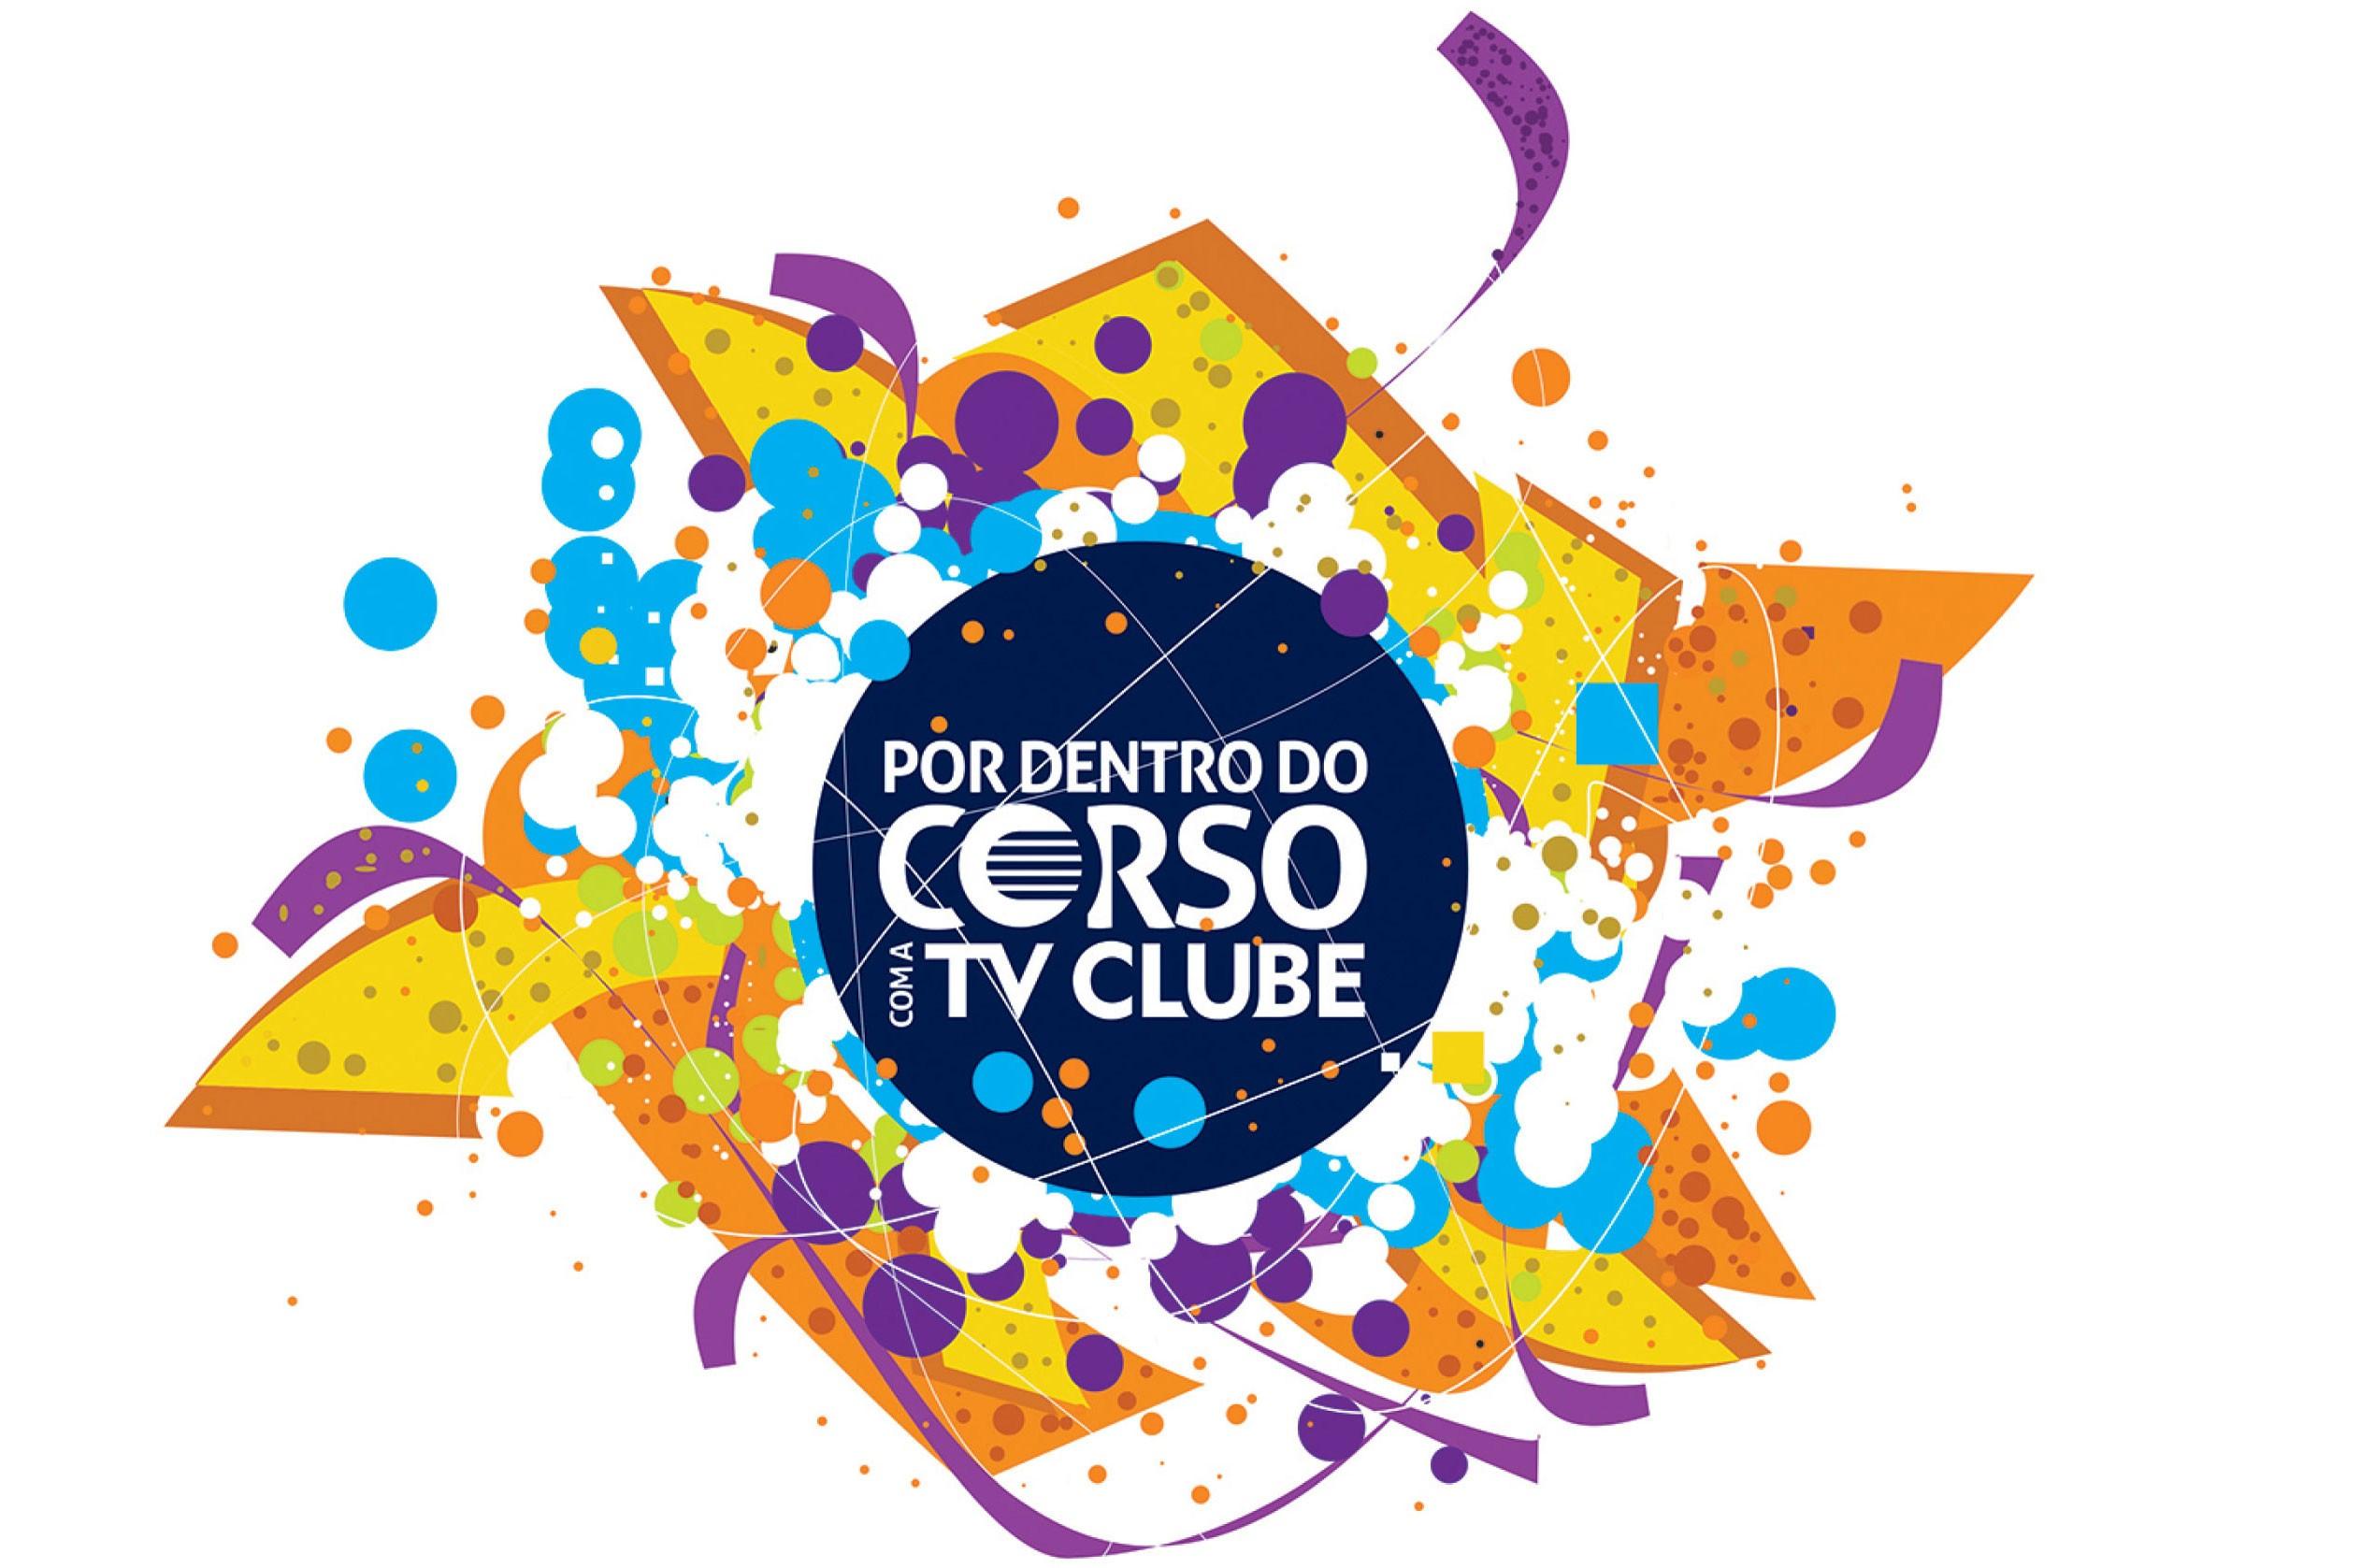 Logo de Carnaval da TV Clube (Foto: divulgacão)